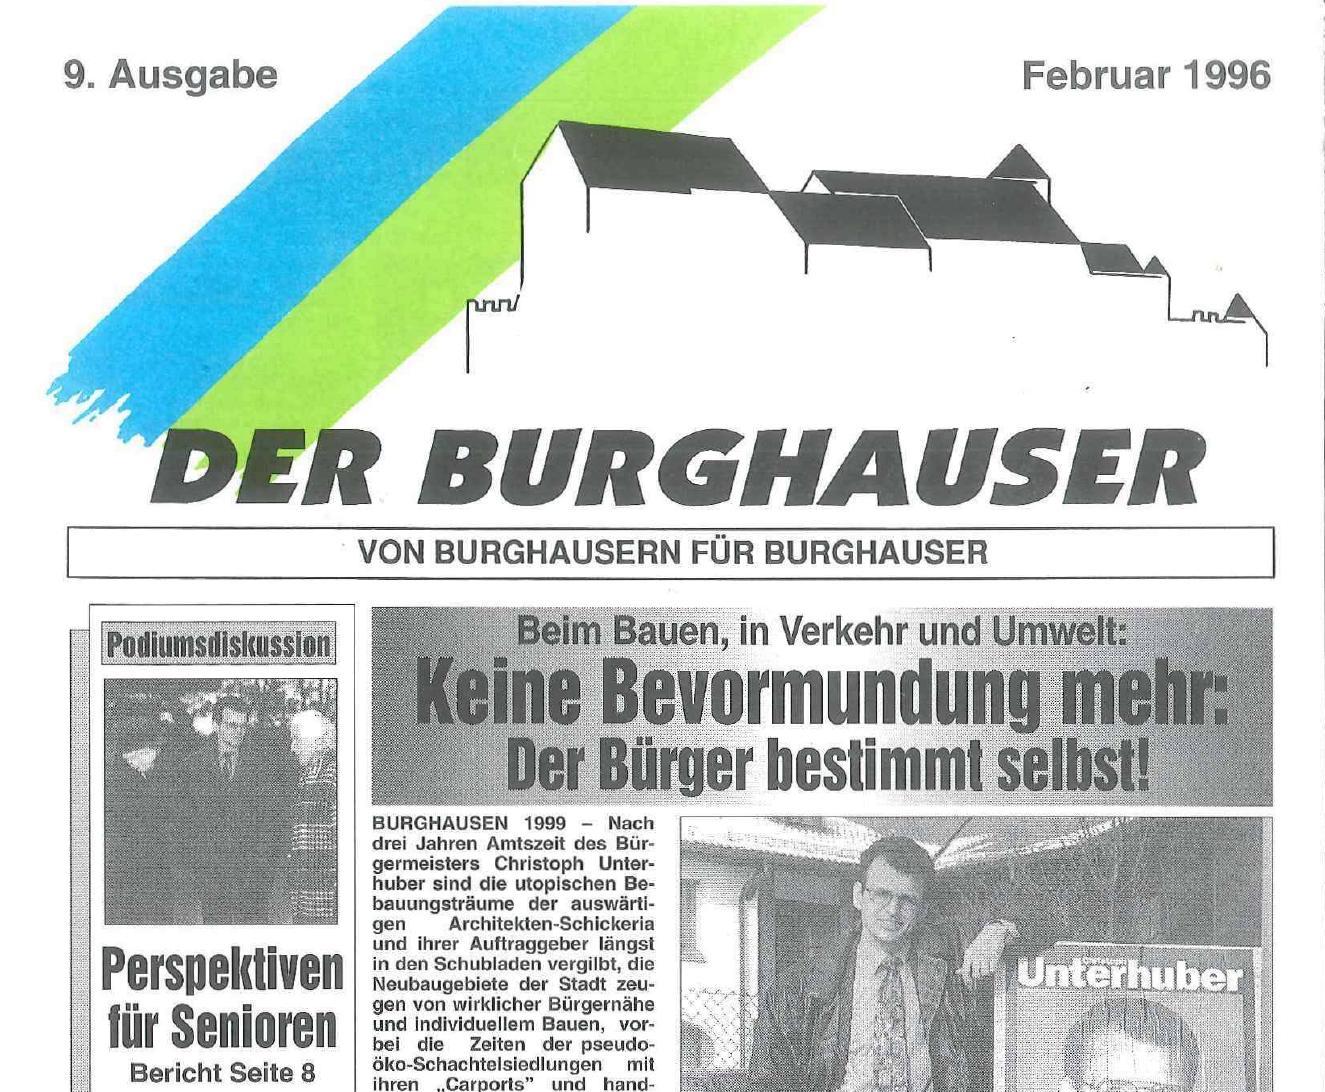 Der Burghauser_199602_titel